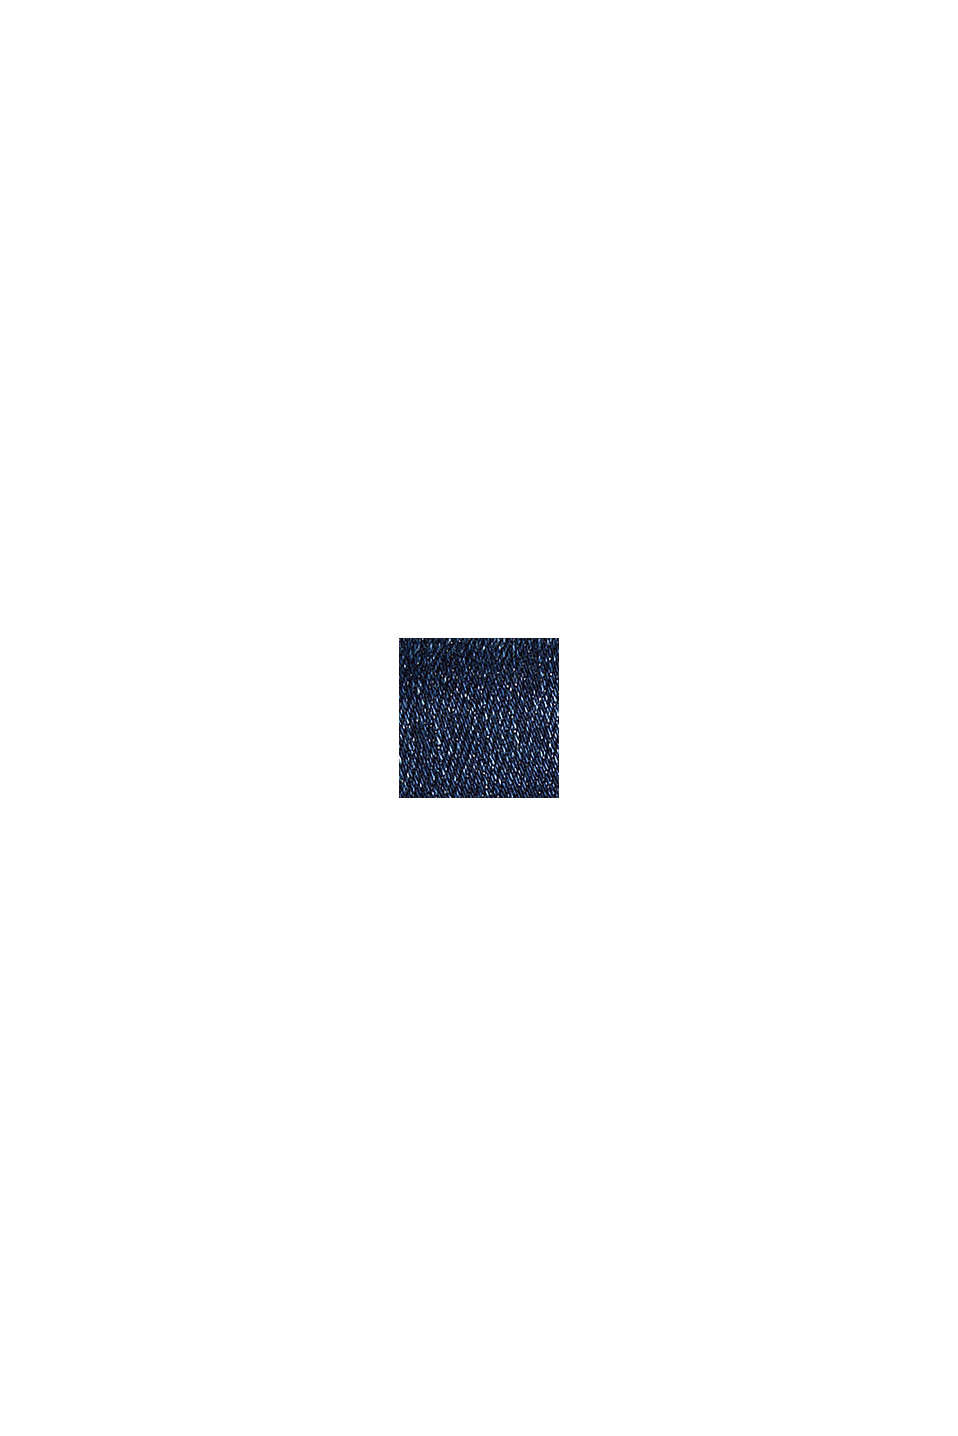 Stretchjeans med knäppbara fickor med lock, BLUE DARK WASHED, swatch